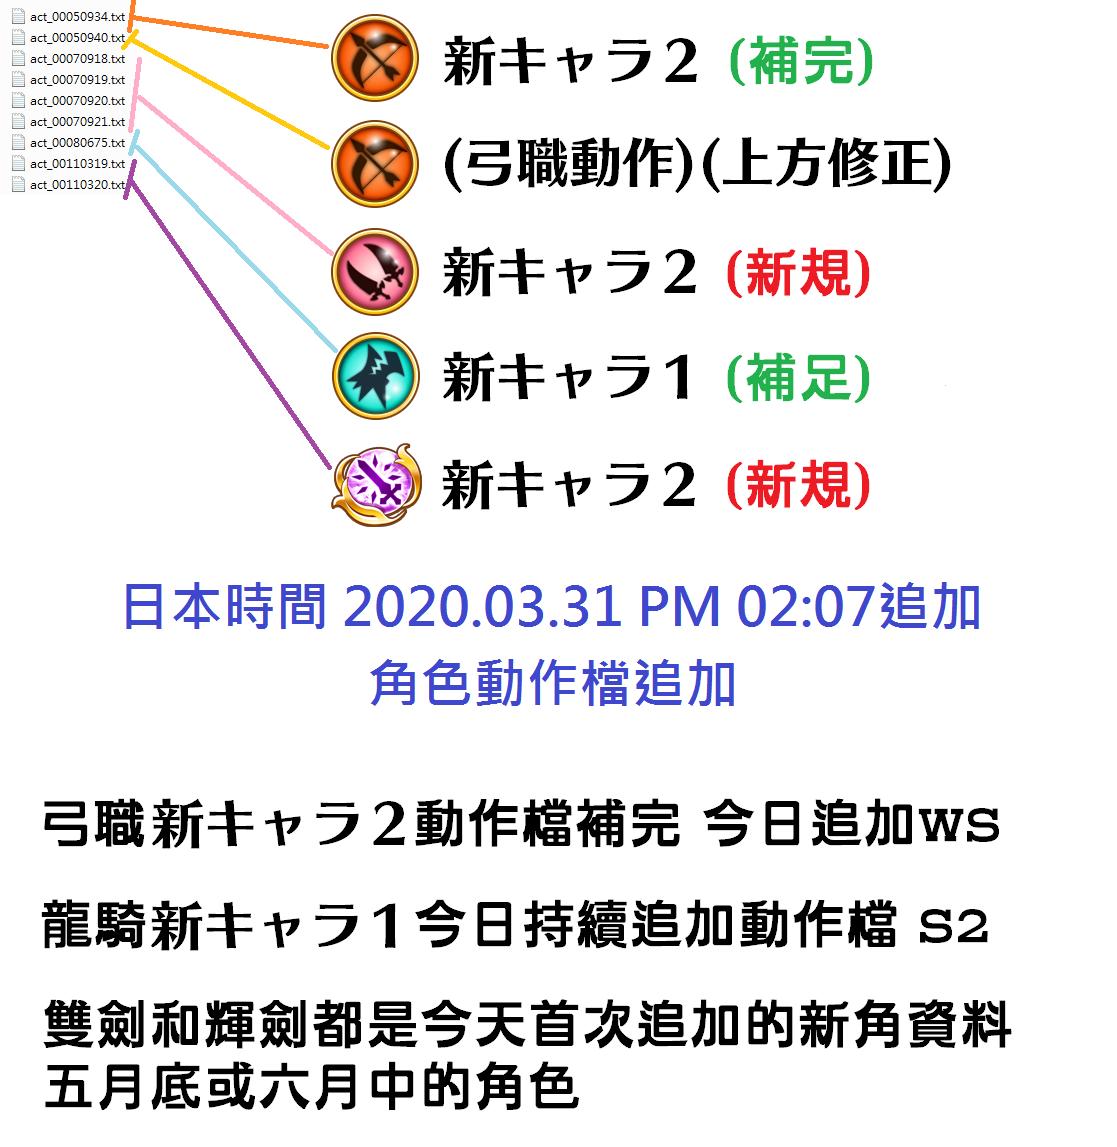 【雑談】白猫プロジェクト1693匹目 (817)